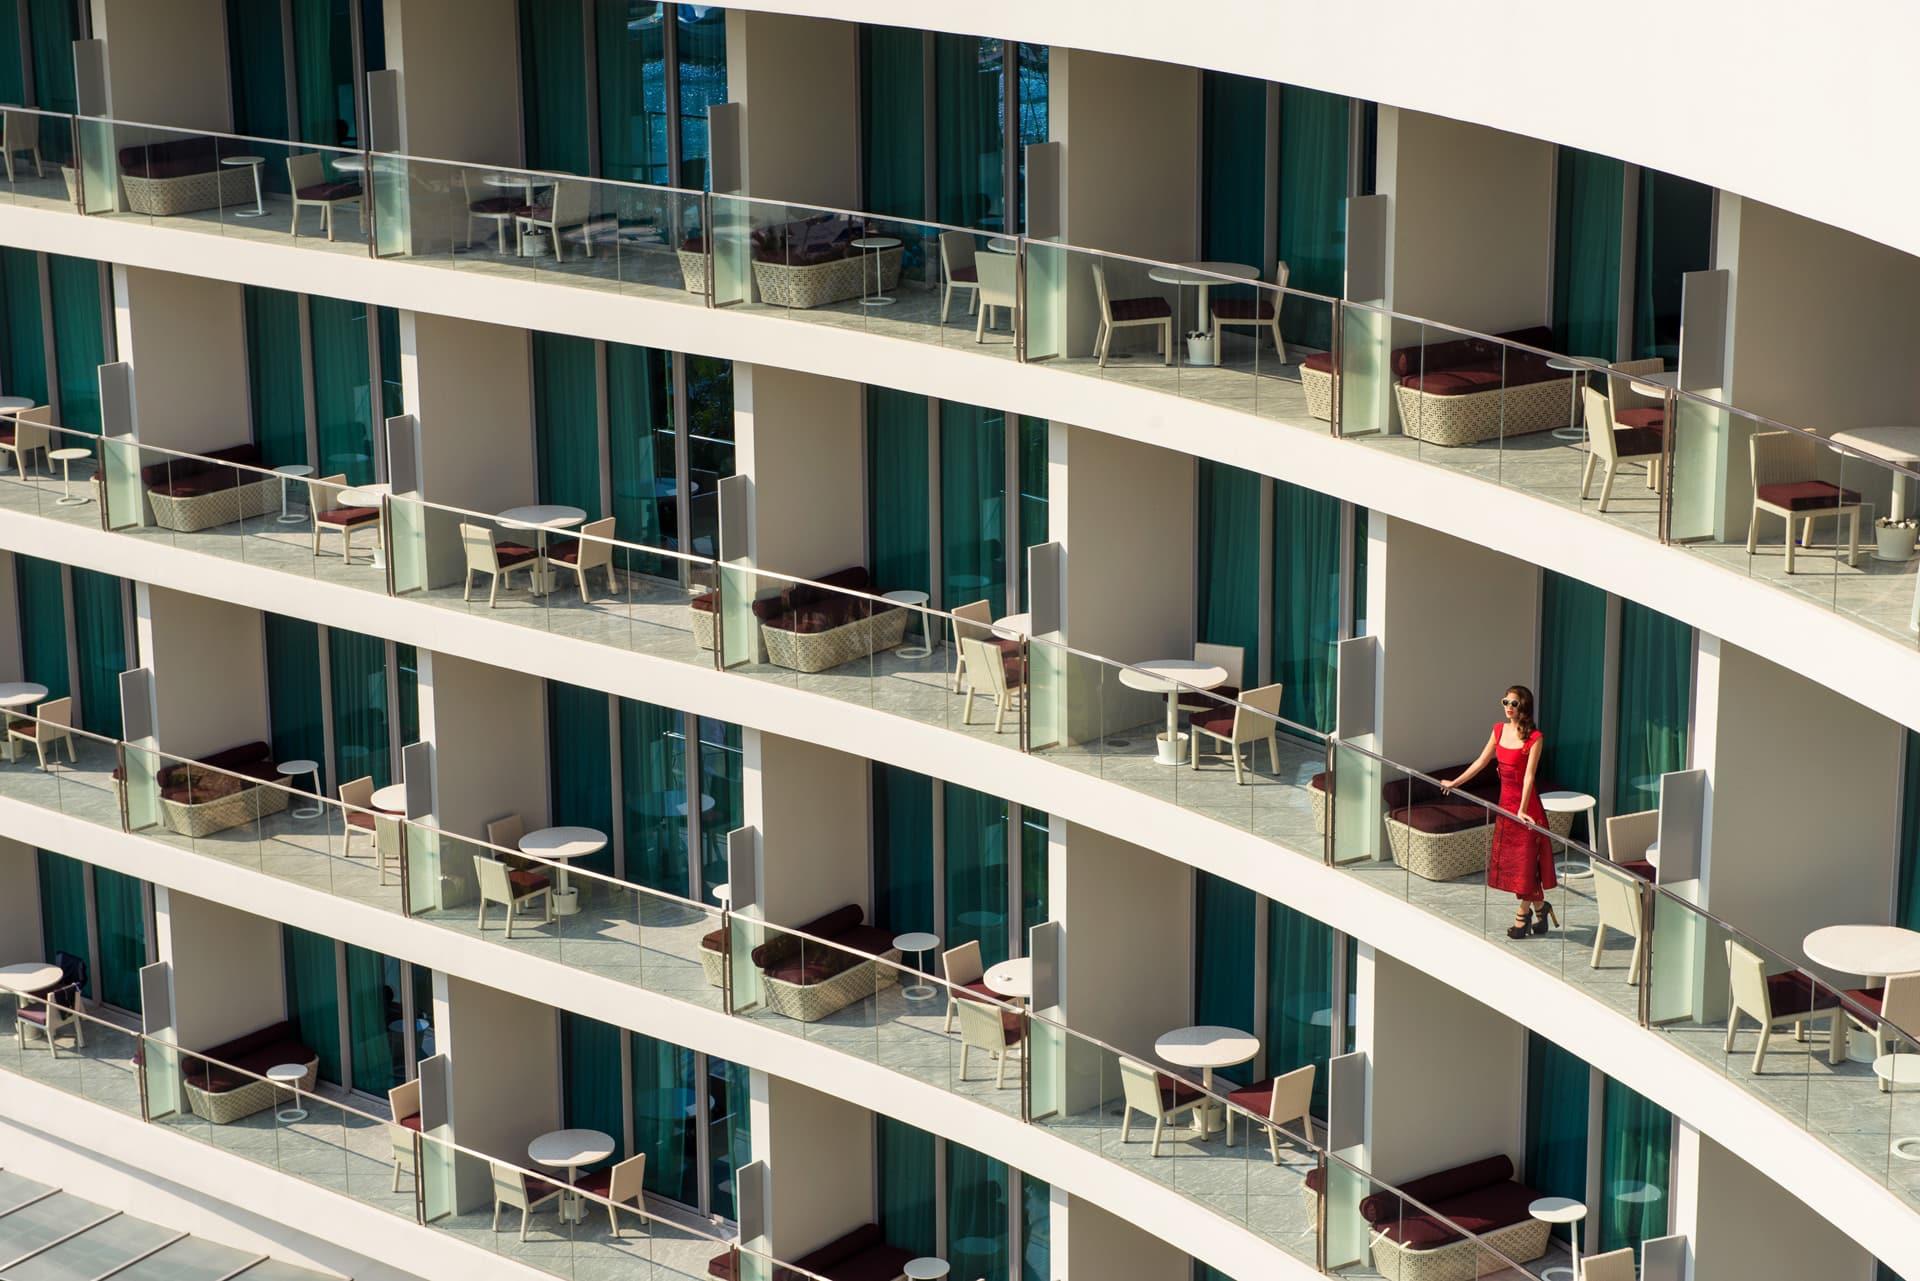 ScottAWoodward_LuxuryLifestyle(Hotels+Resorts)_029